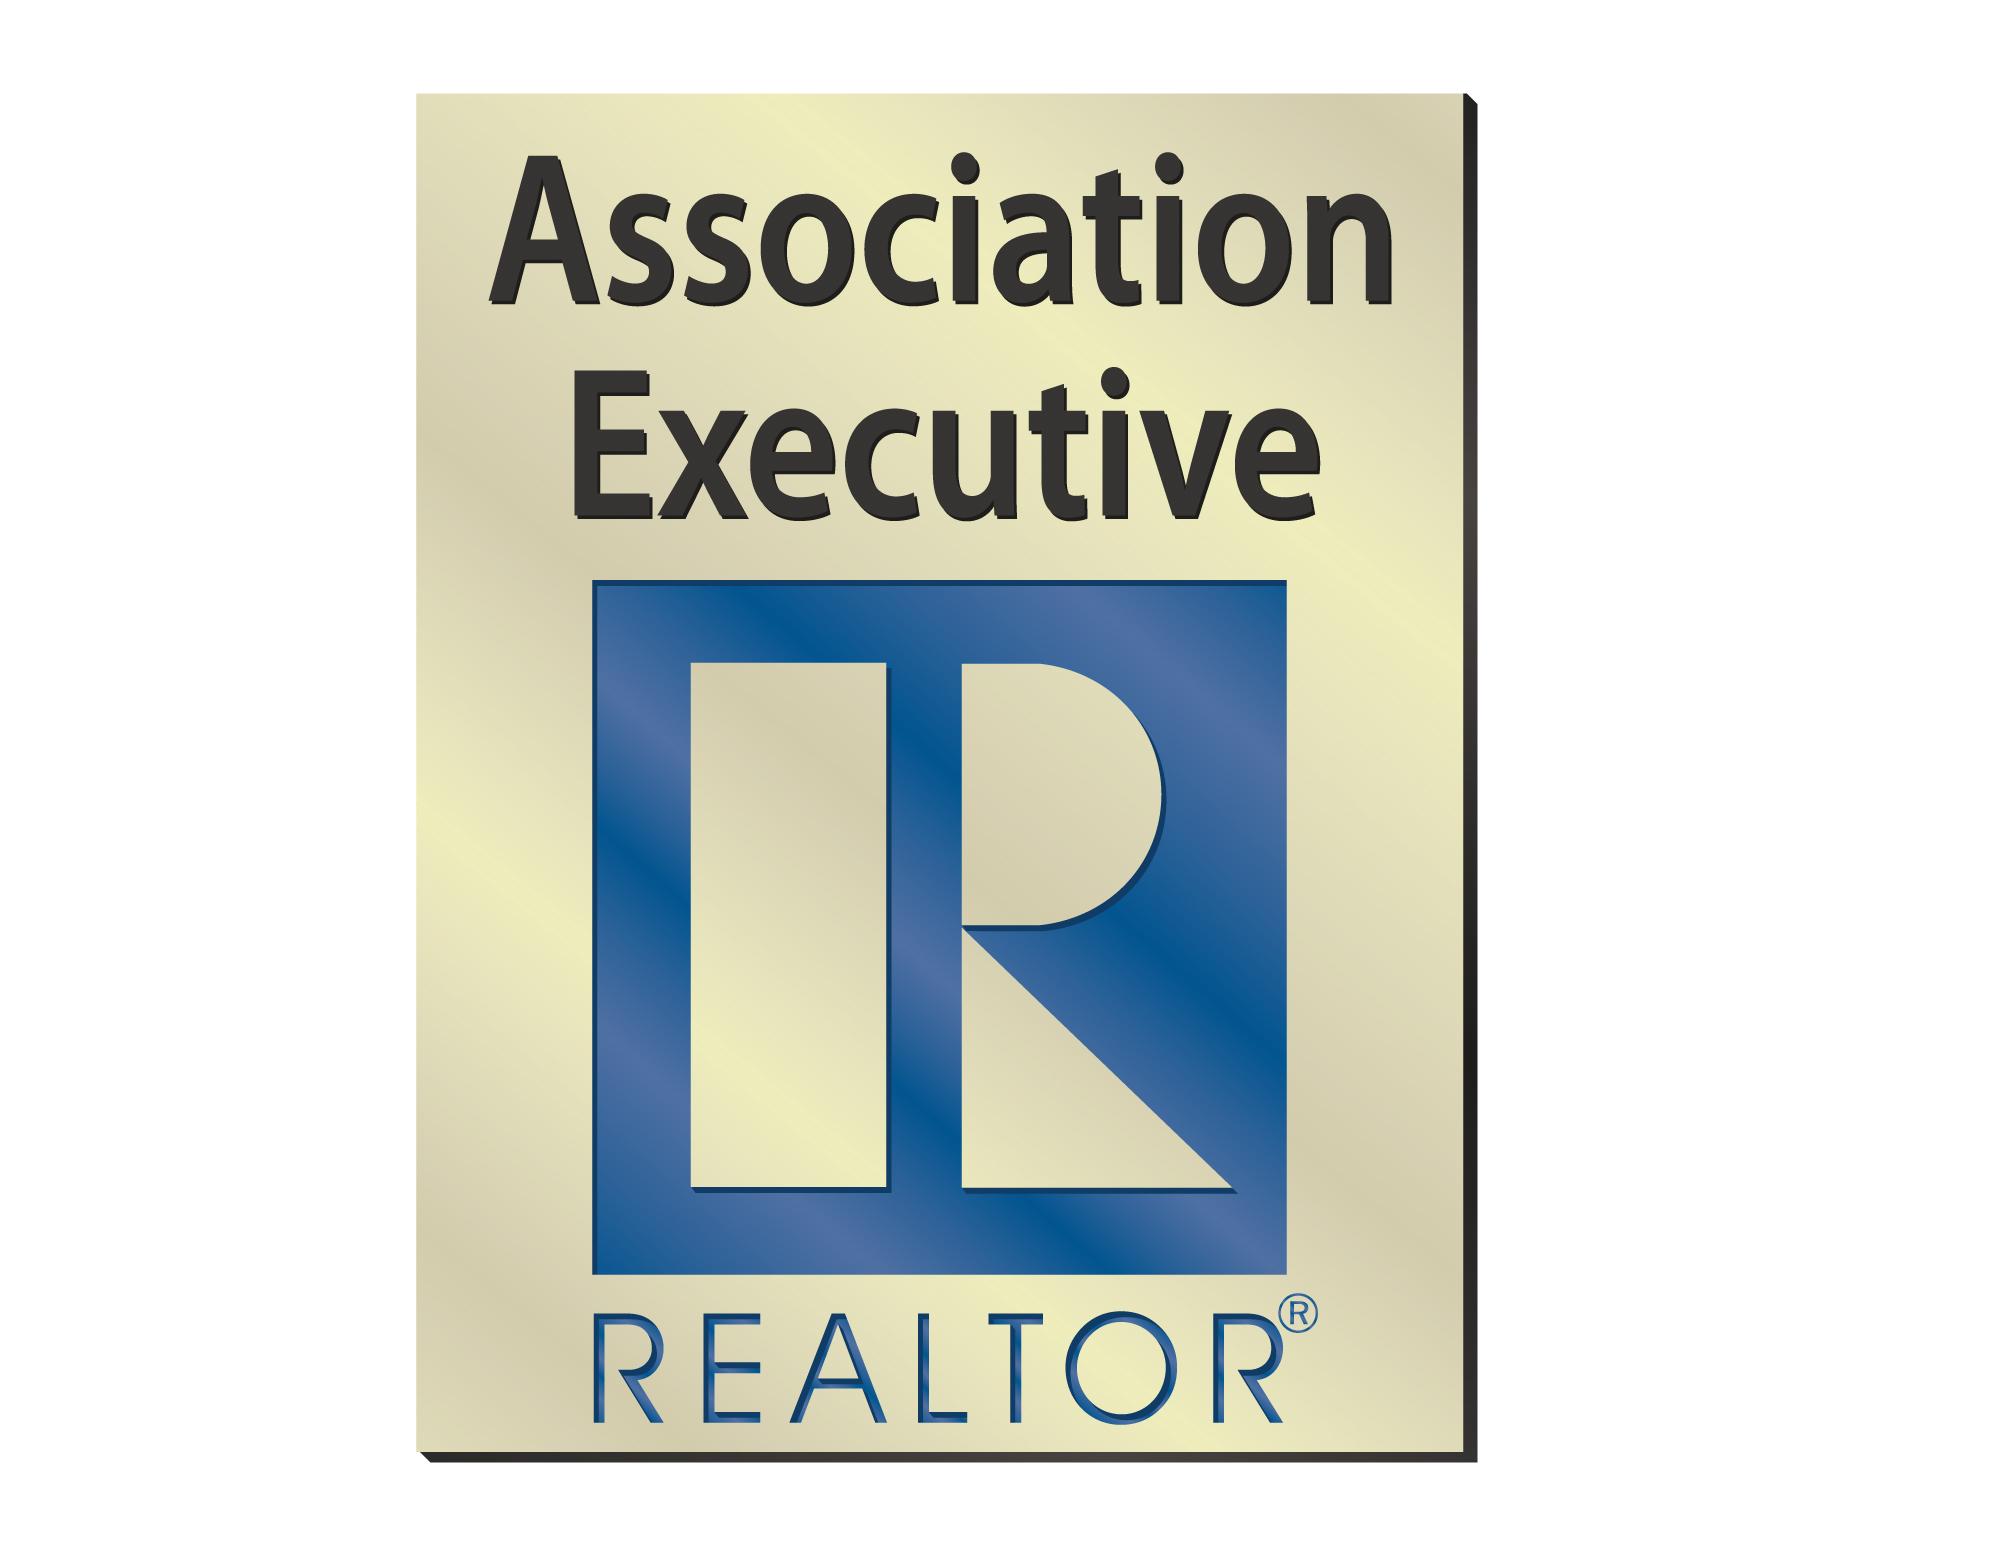 Association Executive